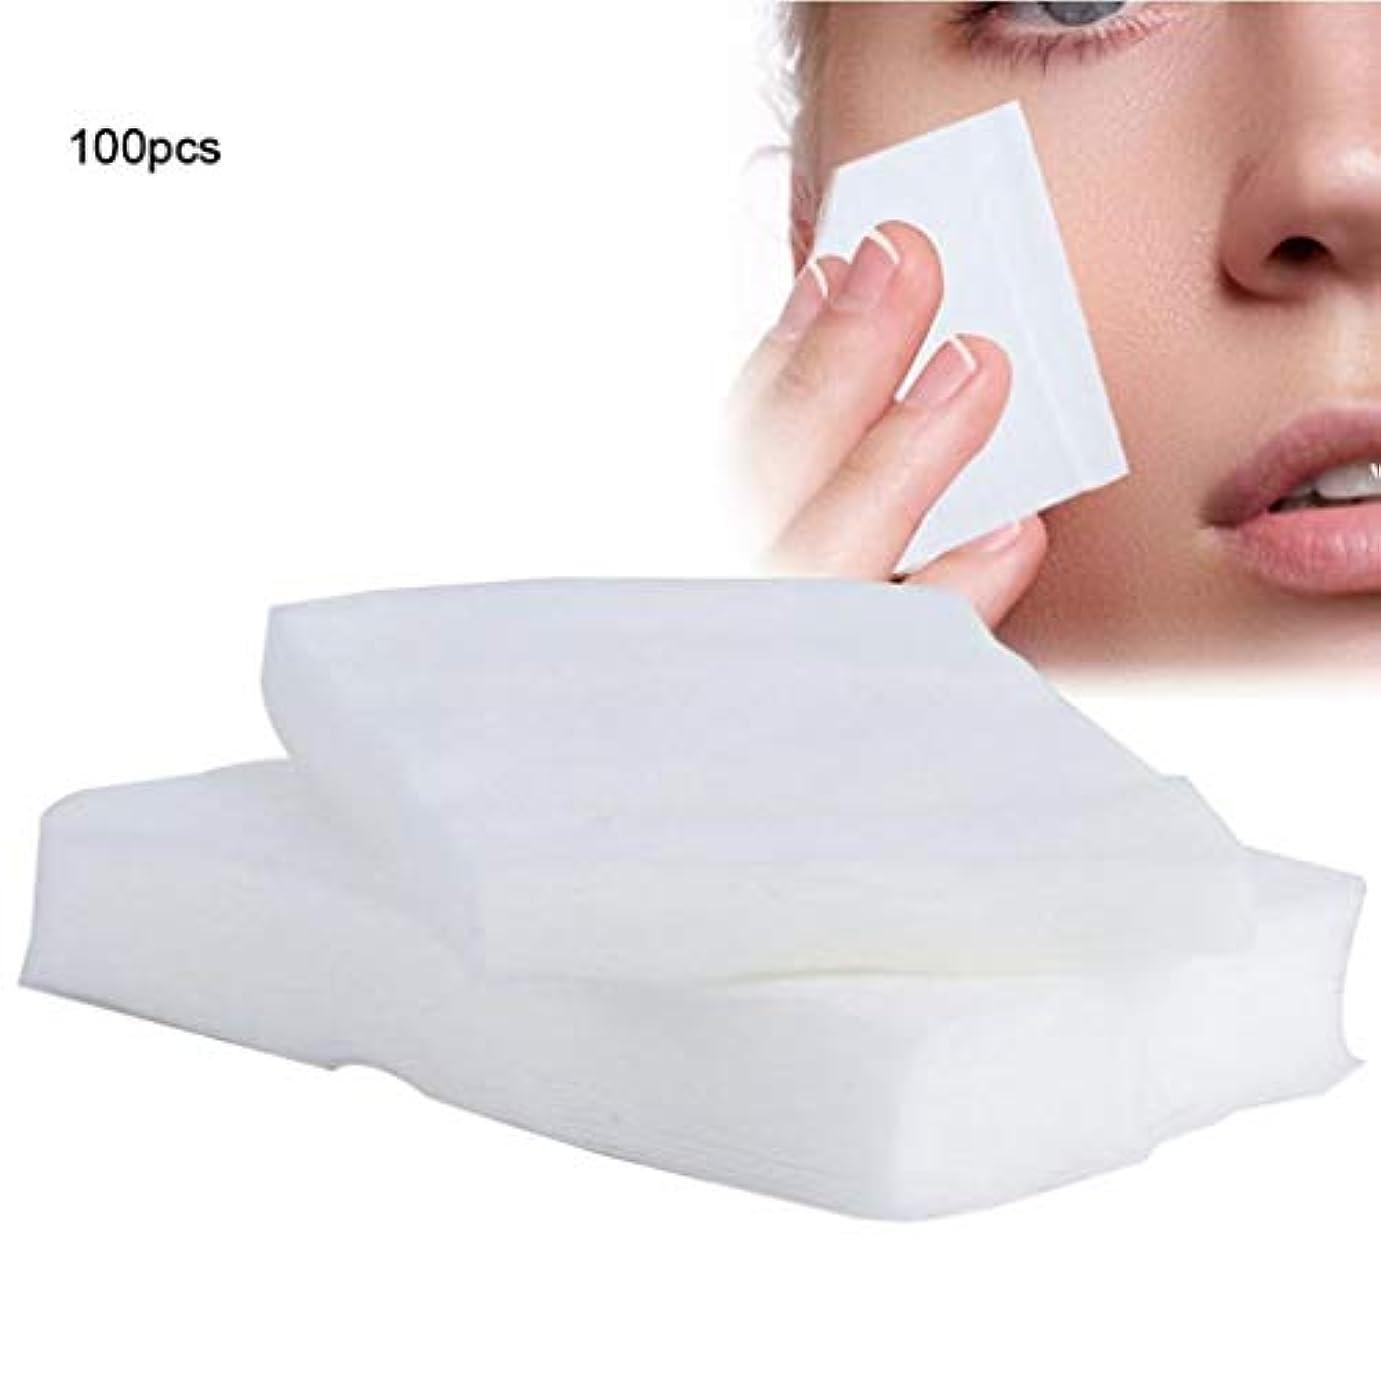 ひどく染色ファイナンスクレンジングシート 100ピース化粧コットンパッド使い捨て化粧品リムーバーソフトフェイシャルクレンジングワイプペーパータオルメイクアップリムーバーワイプ (Color : White, サイズ : 6*7cm)